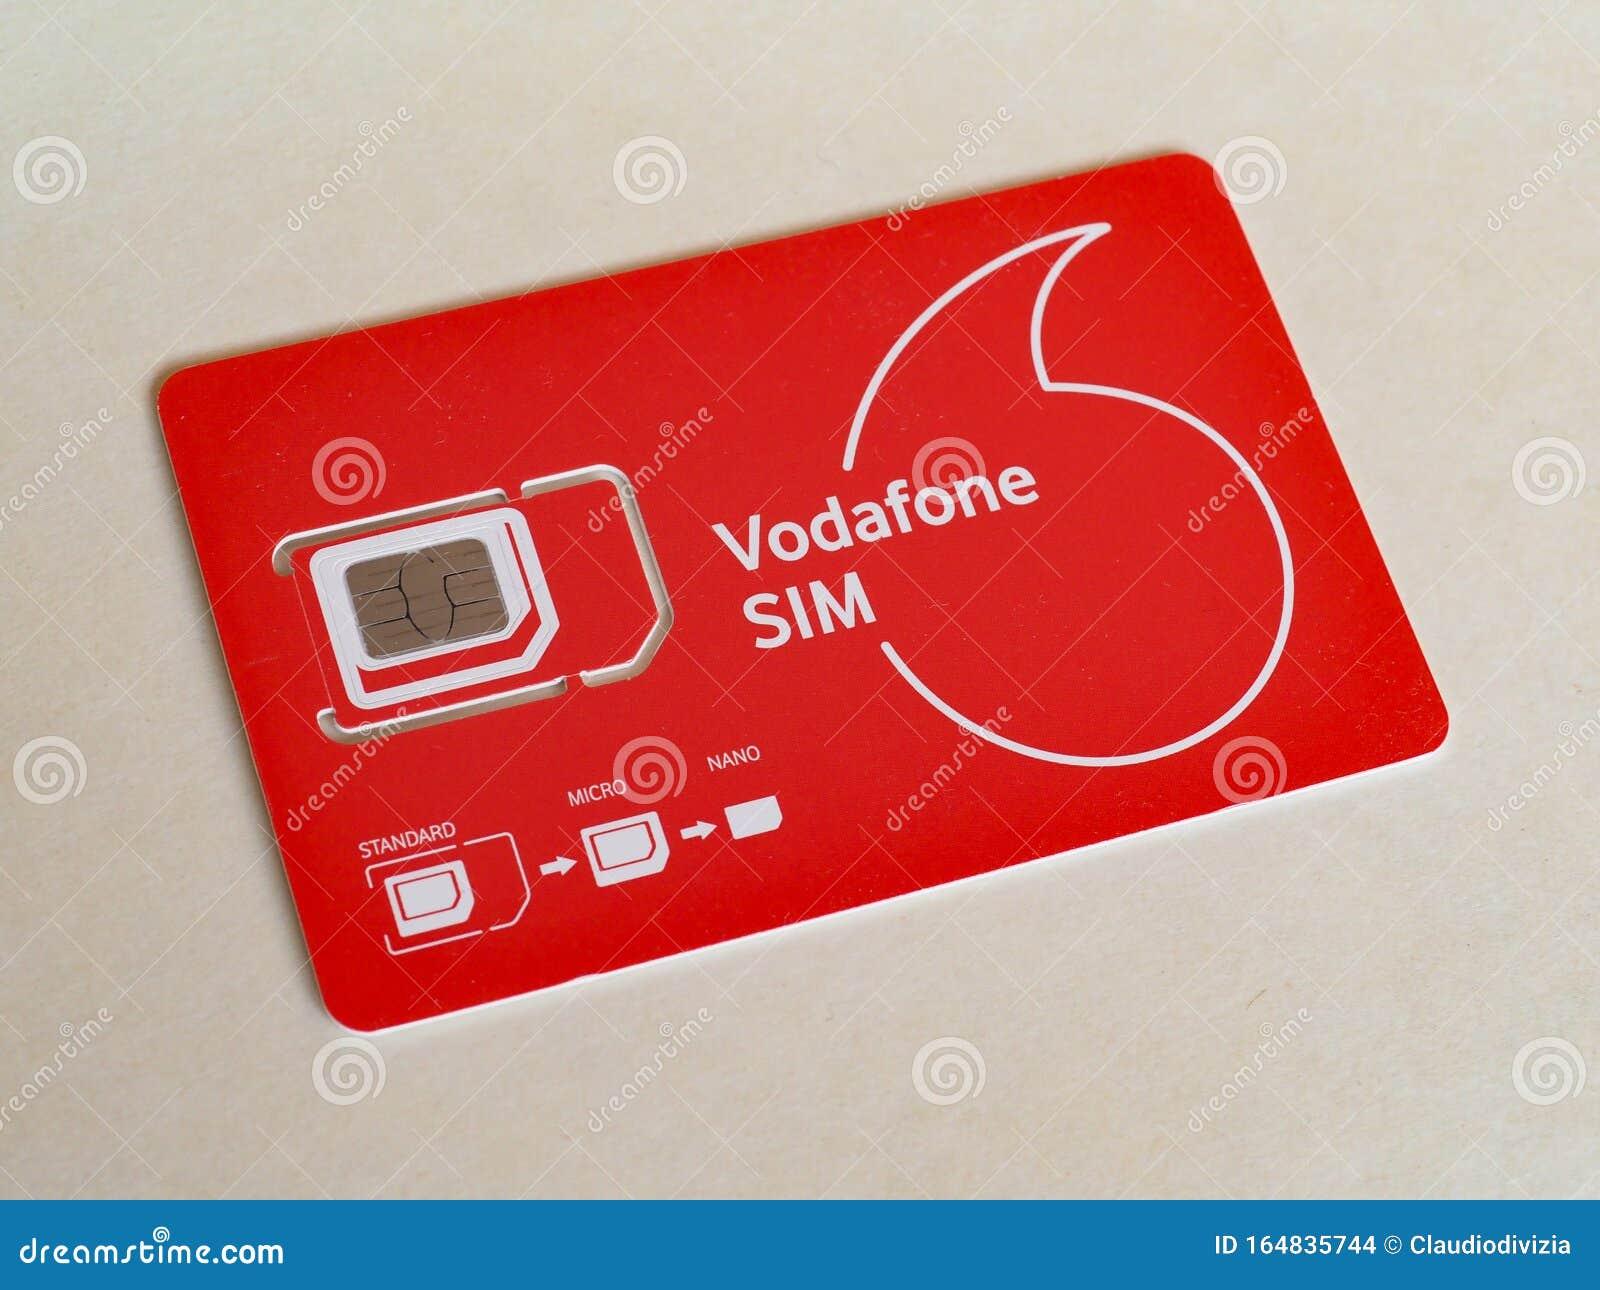 MILAN - OCT 2019: Vodafone Mini Micro And Nano Sim For ...